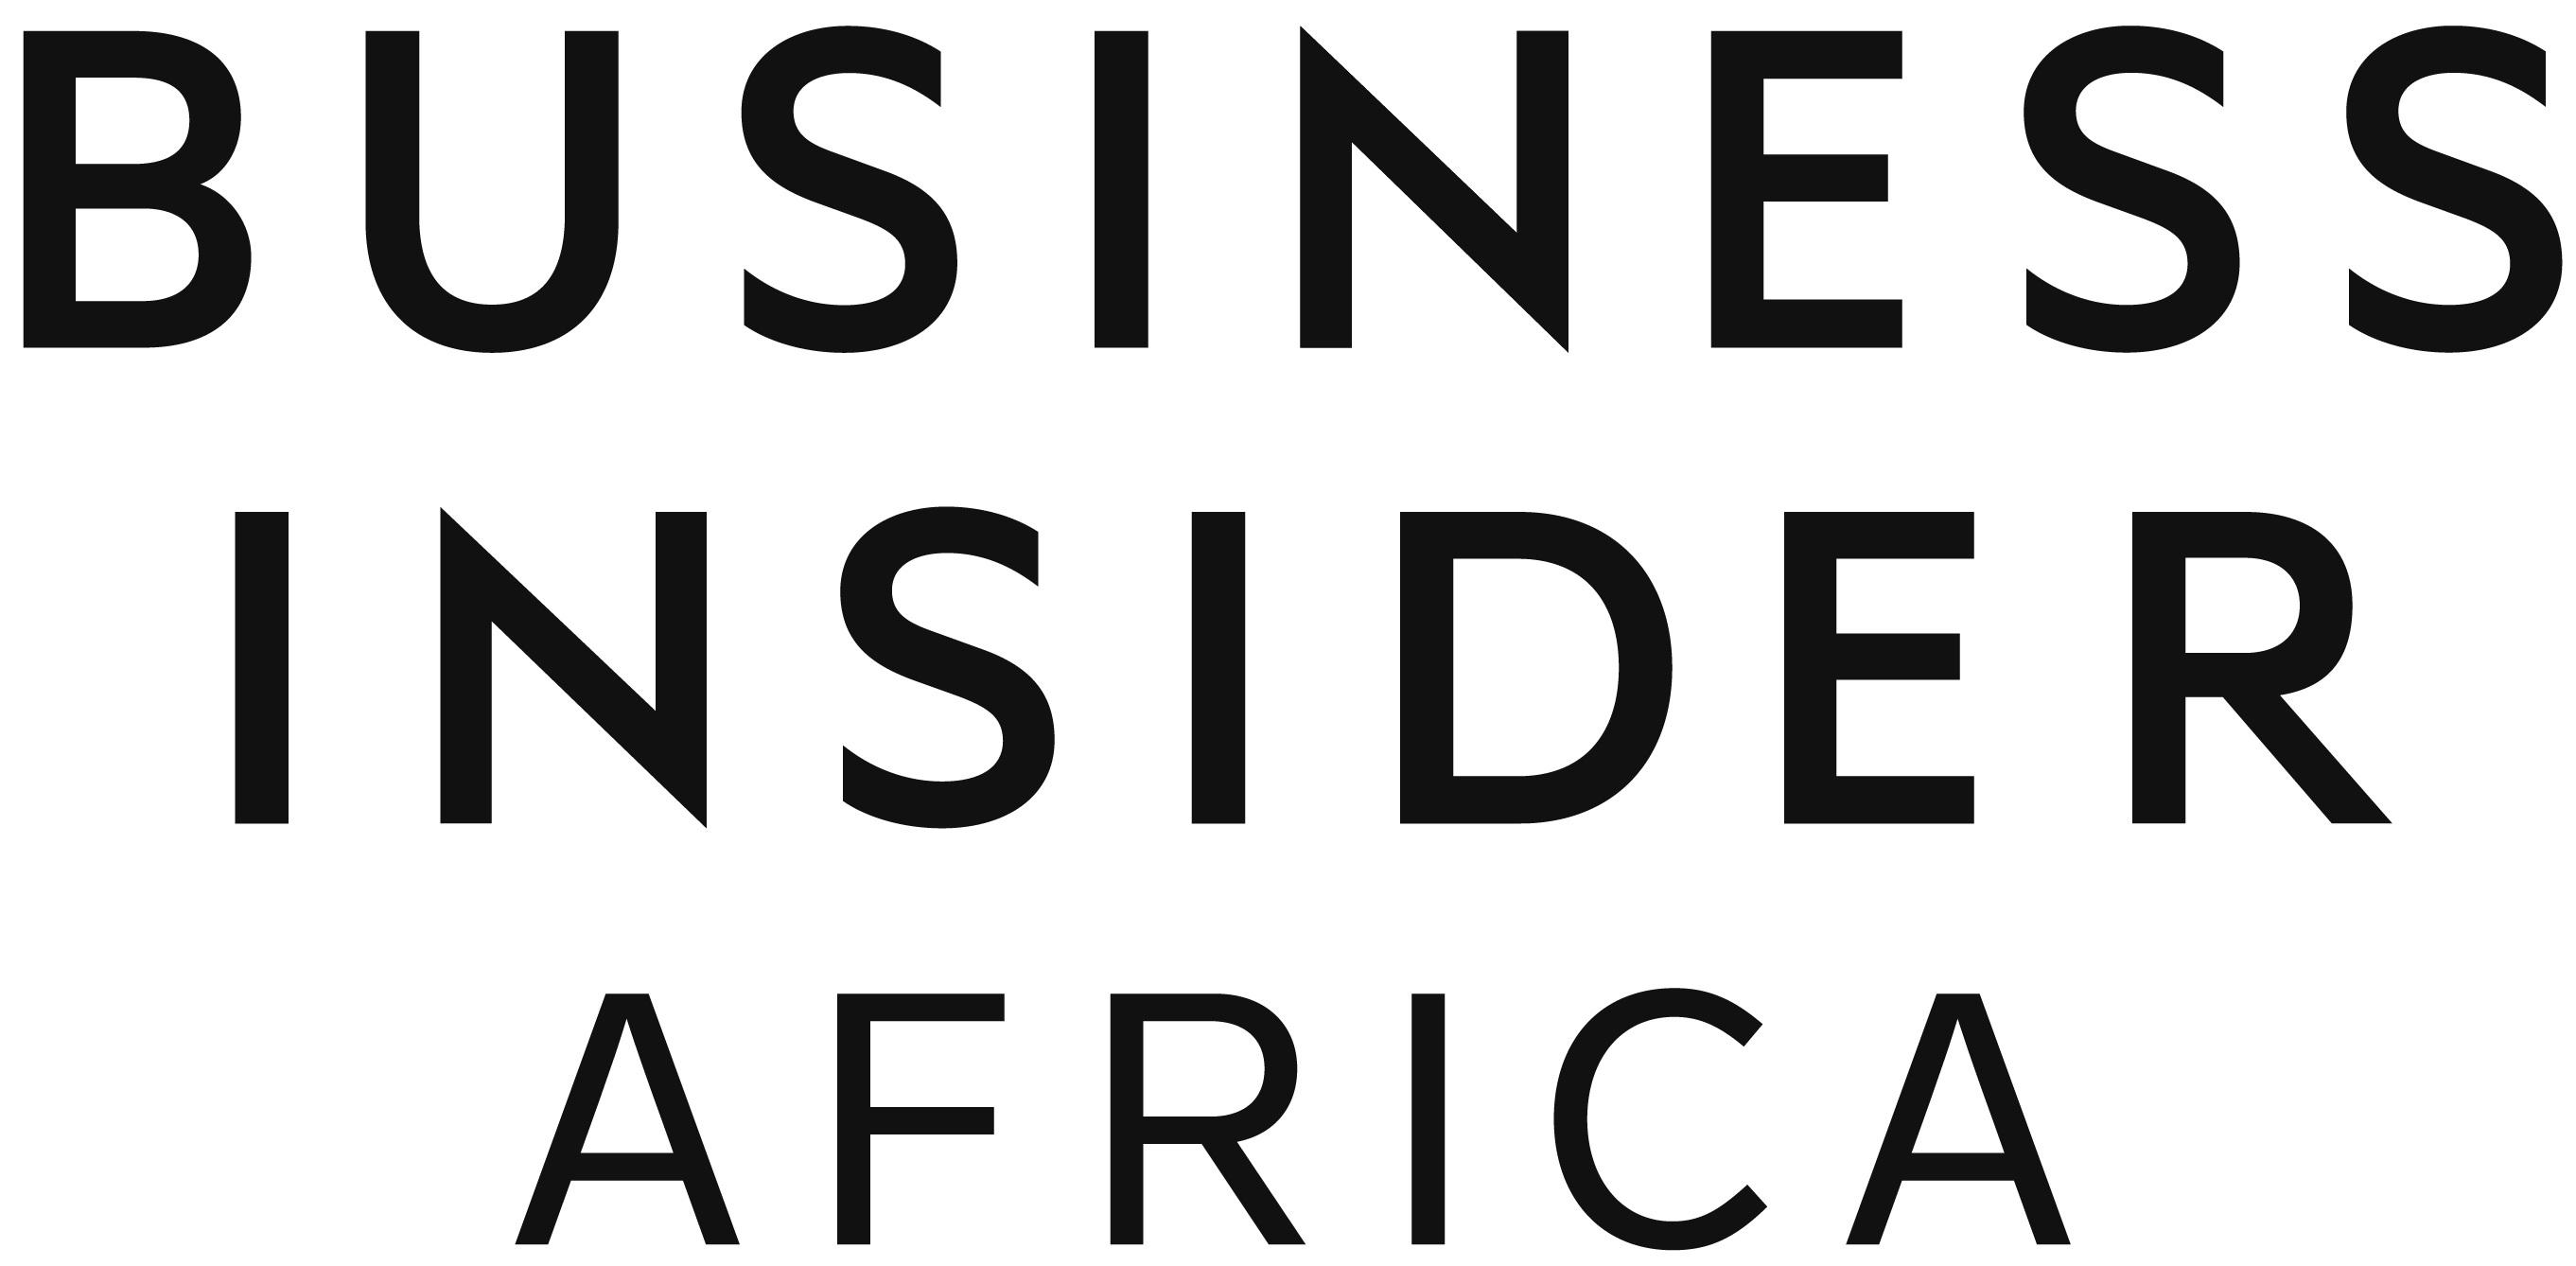 Business Insider SSA